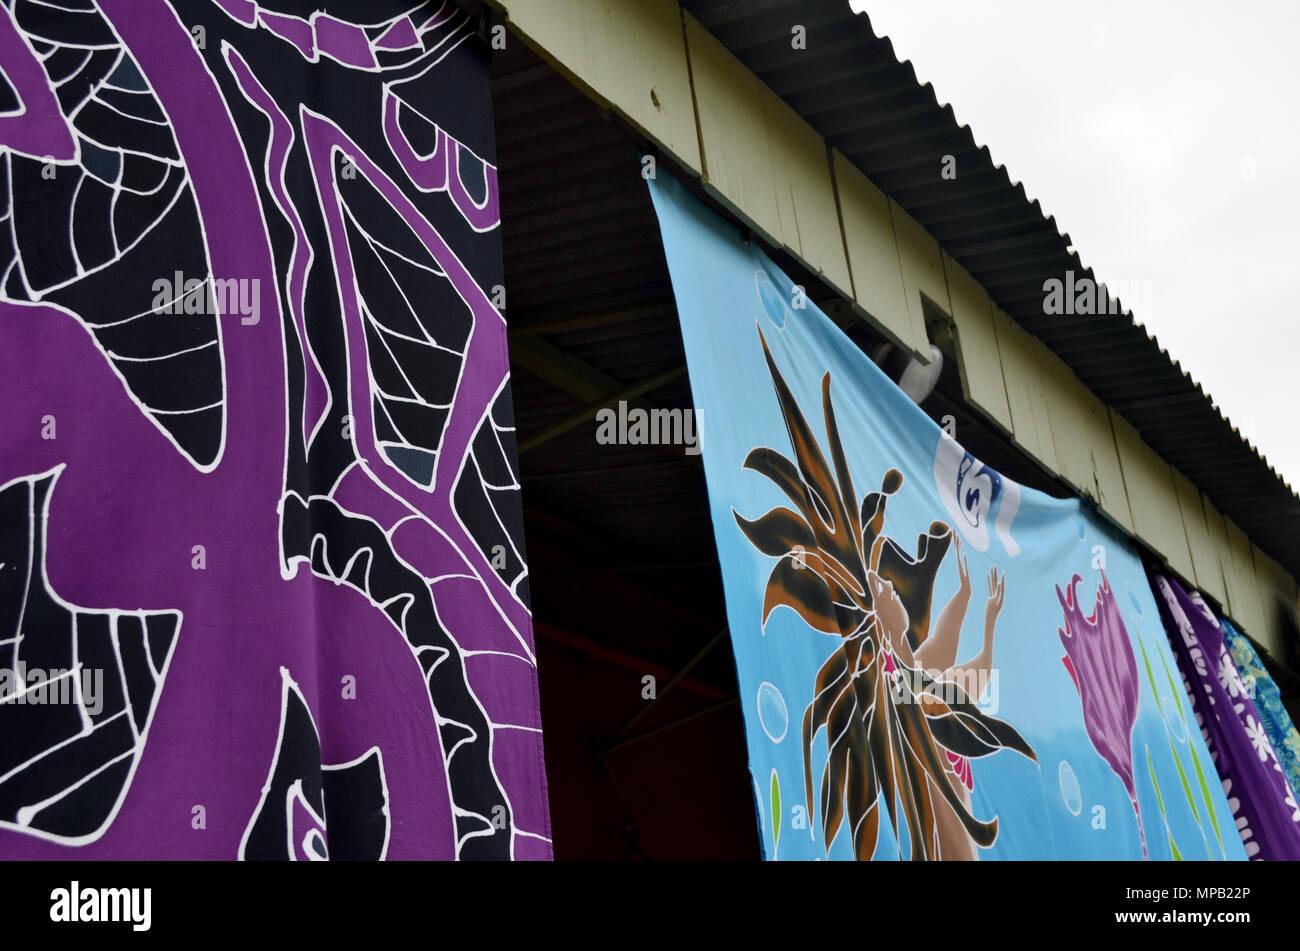 Sarong colorato materiale in sospensione da costruire Immagini Stock